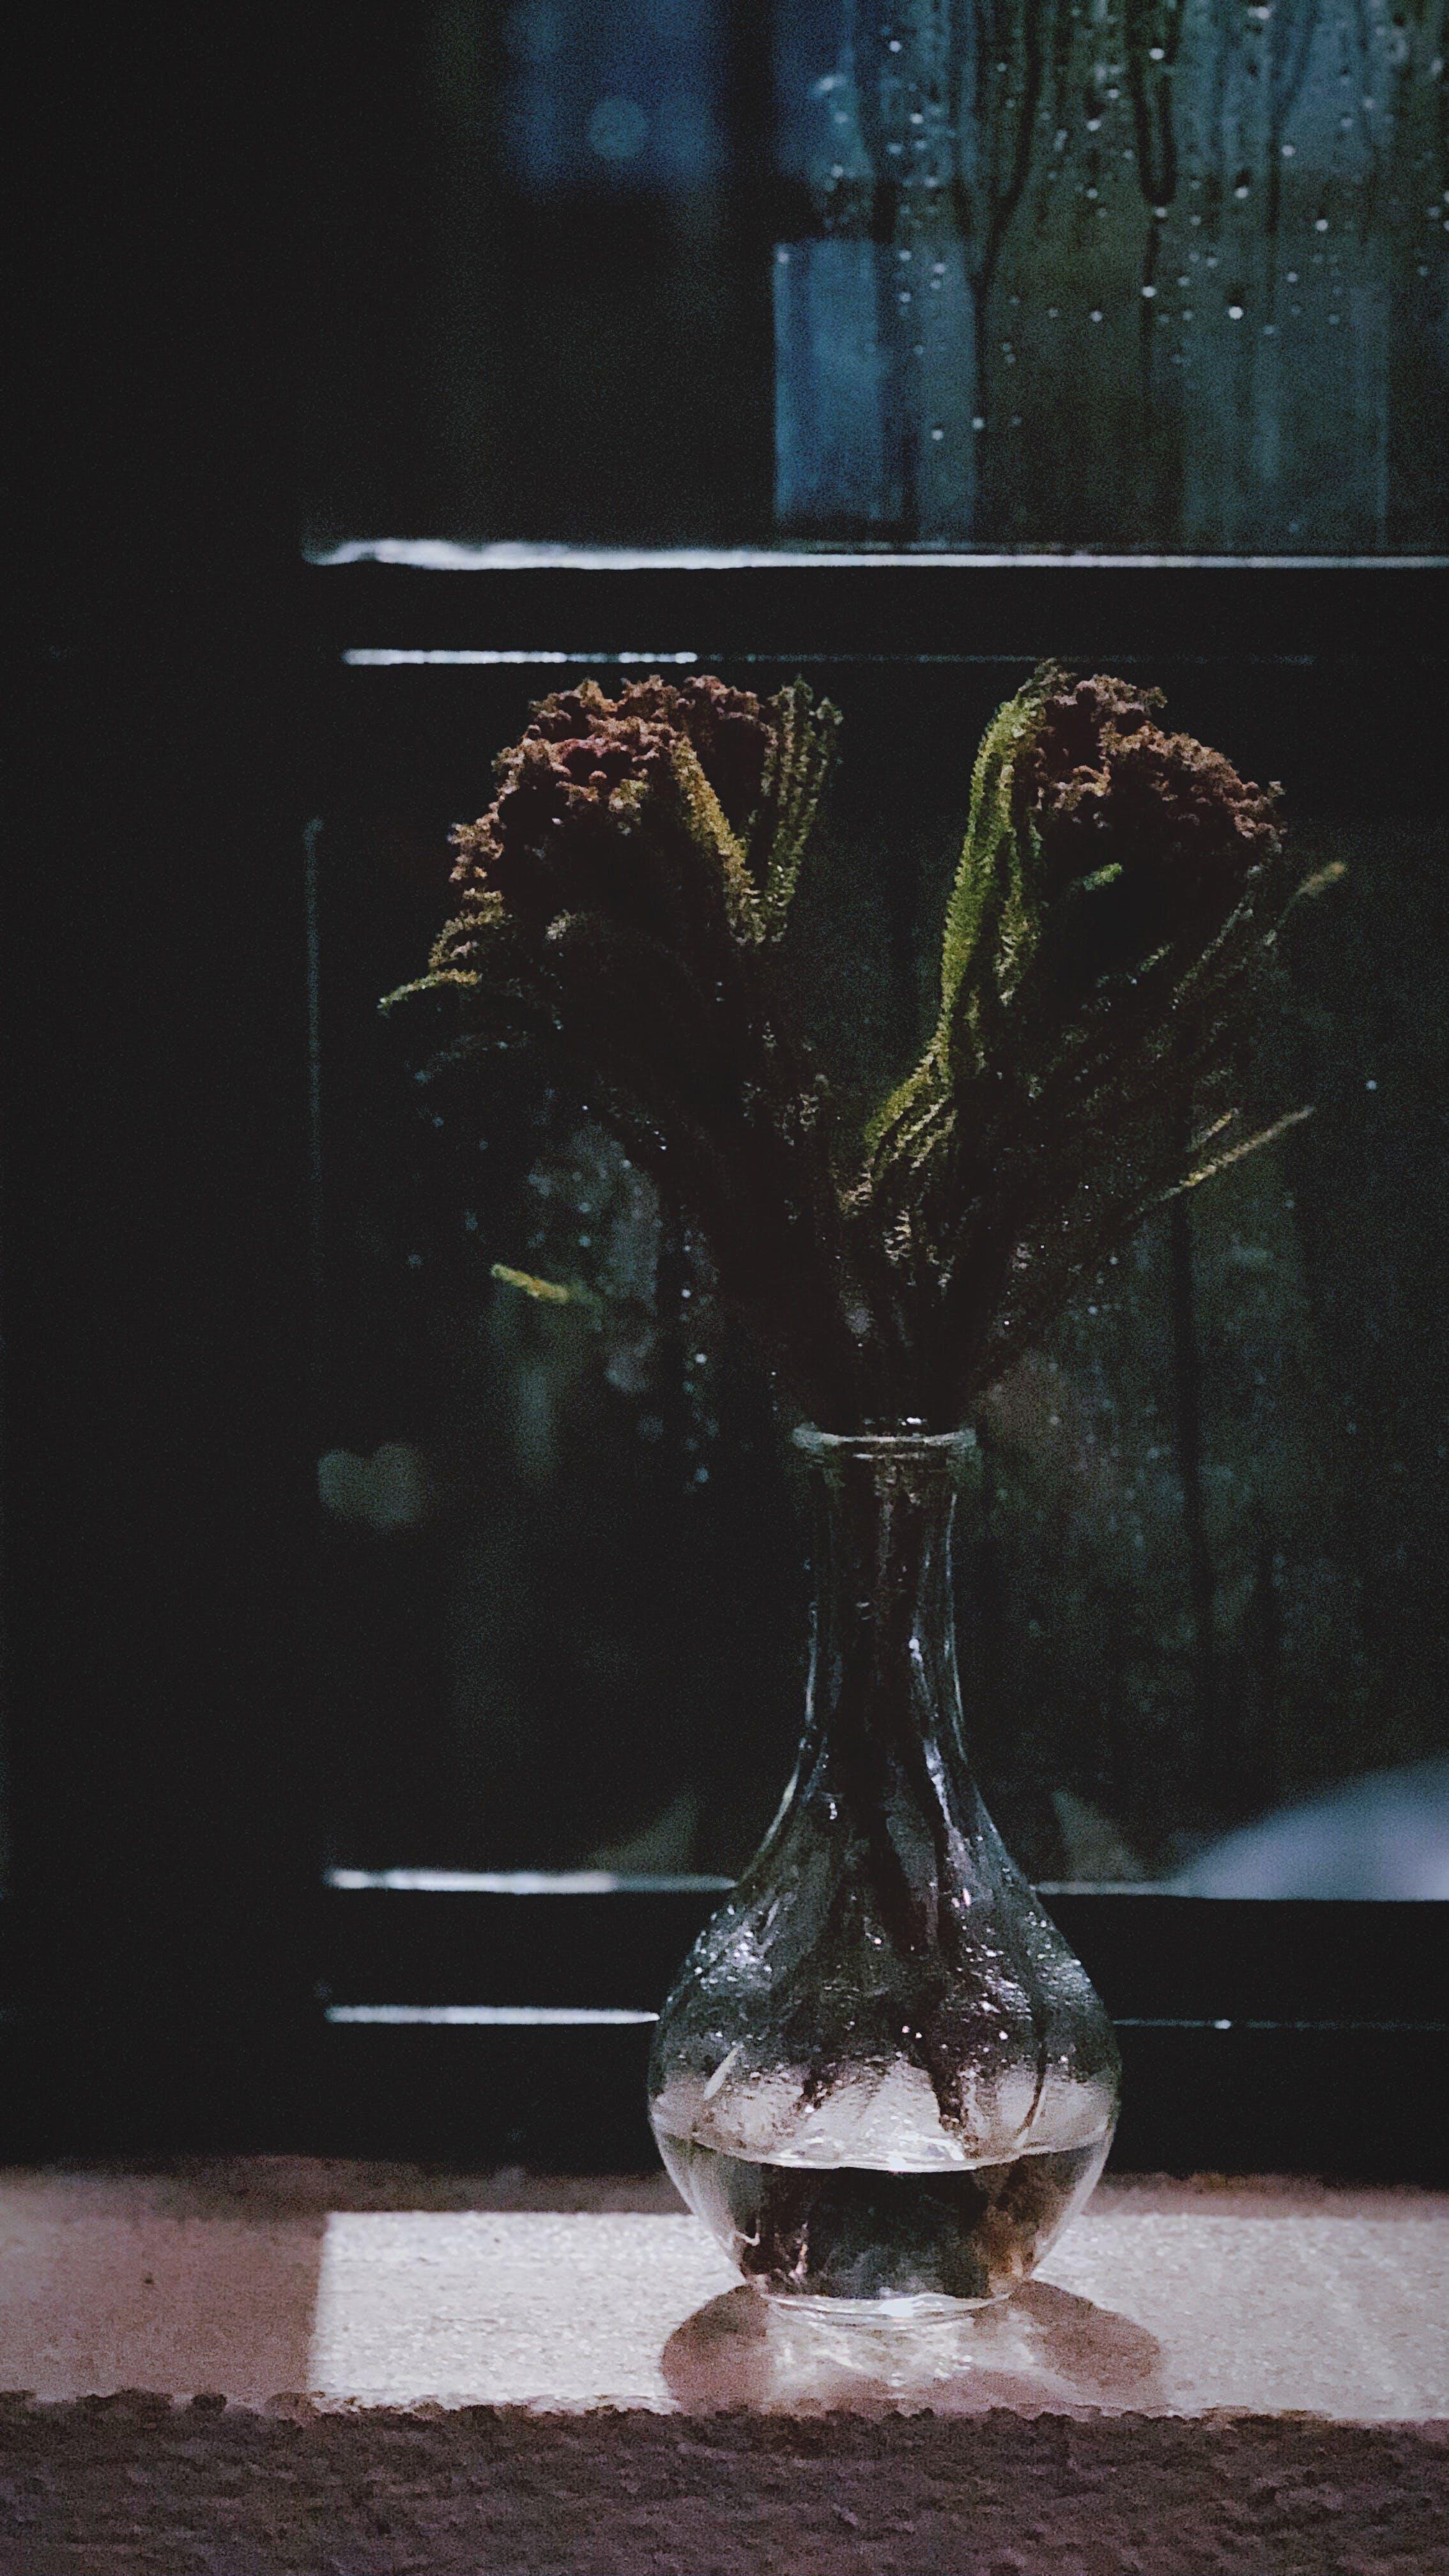 Gratis lagerfoto af blomster, container, glas, indendørs